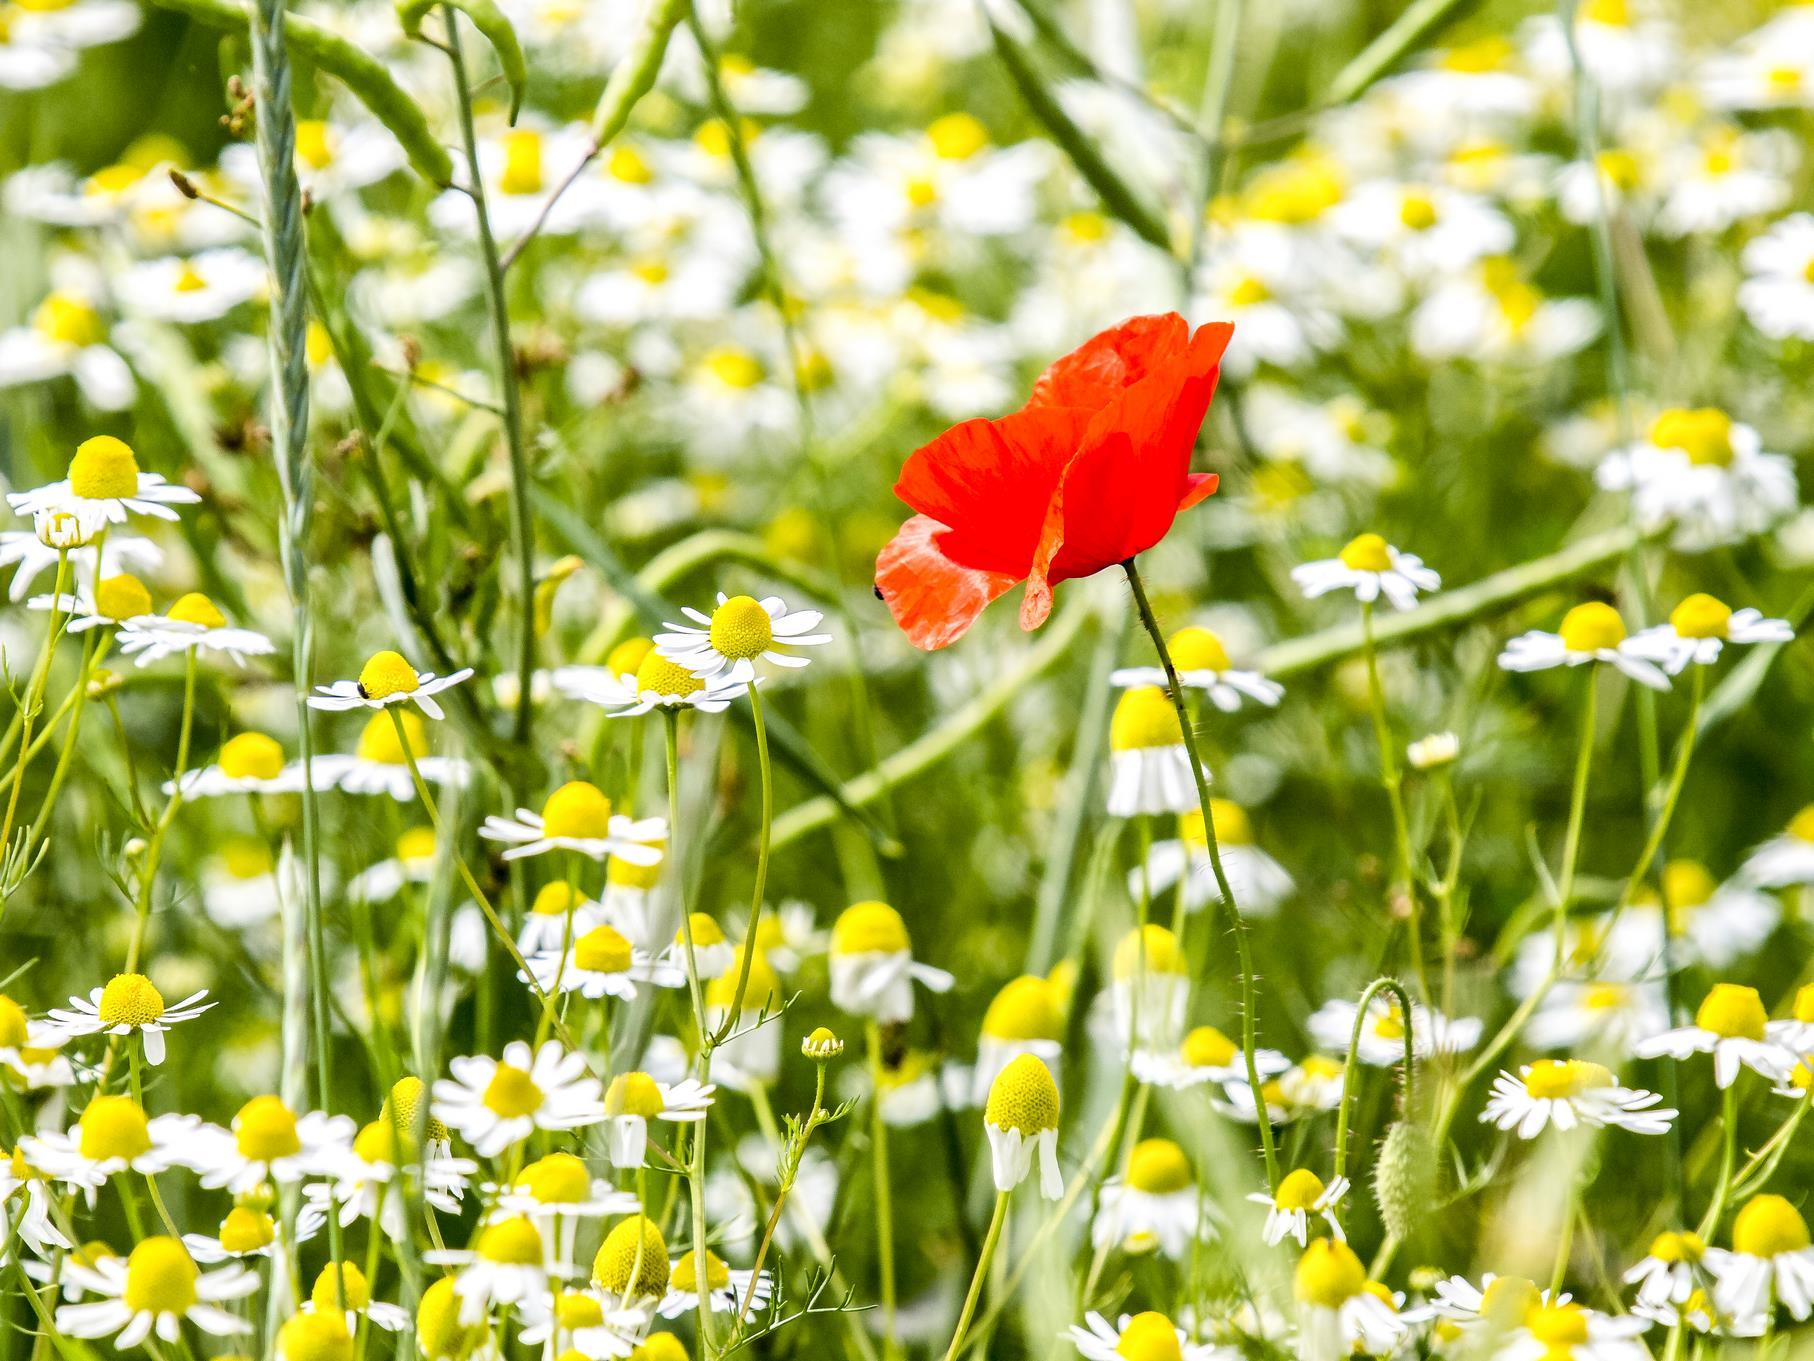 Eine blühende Mohnblume zwischen Kamille-Pflanzen.